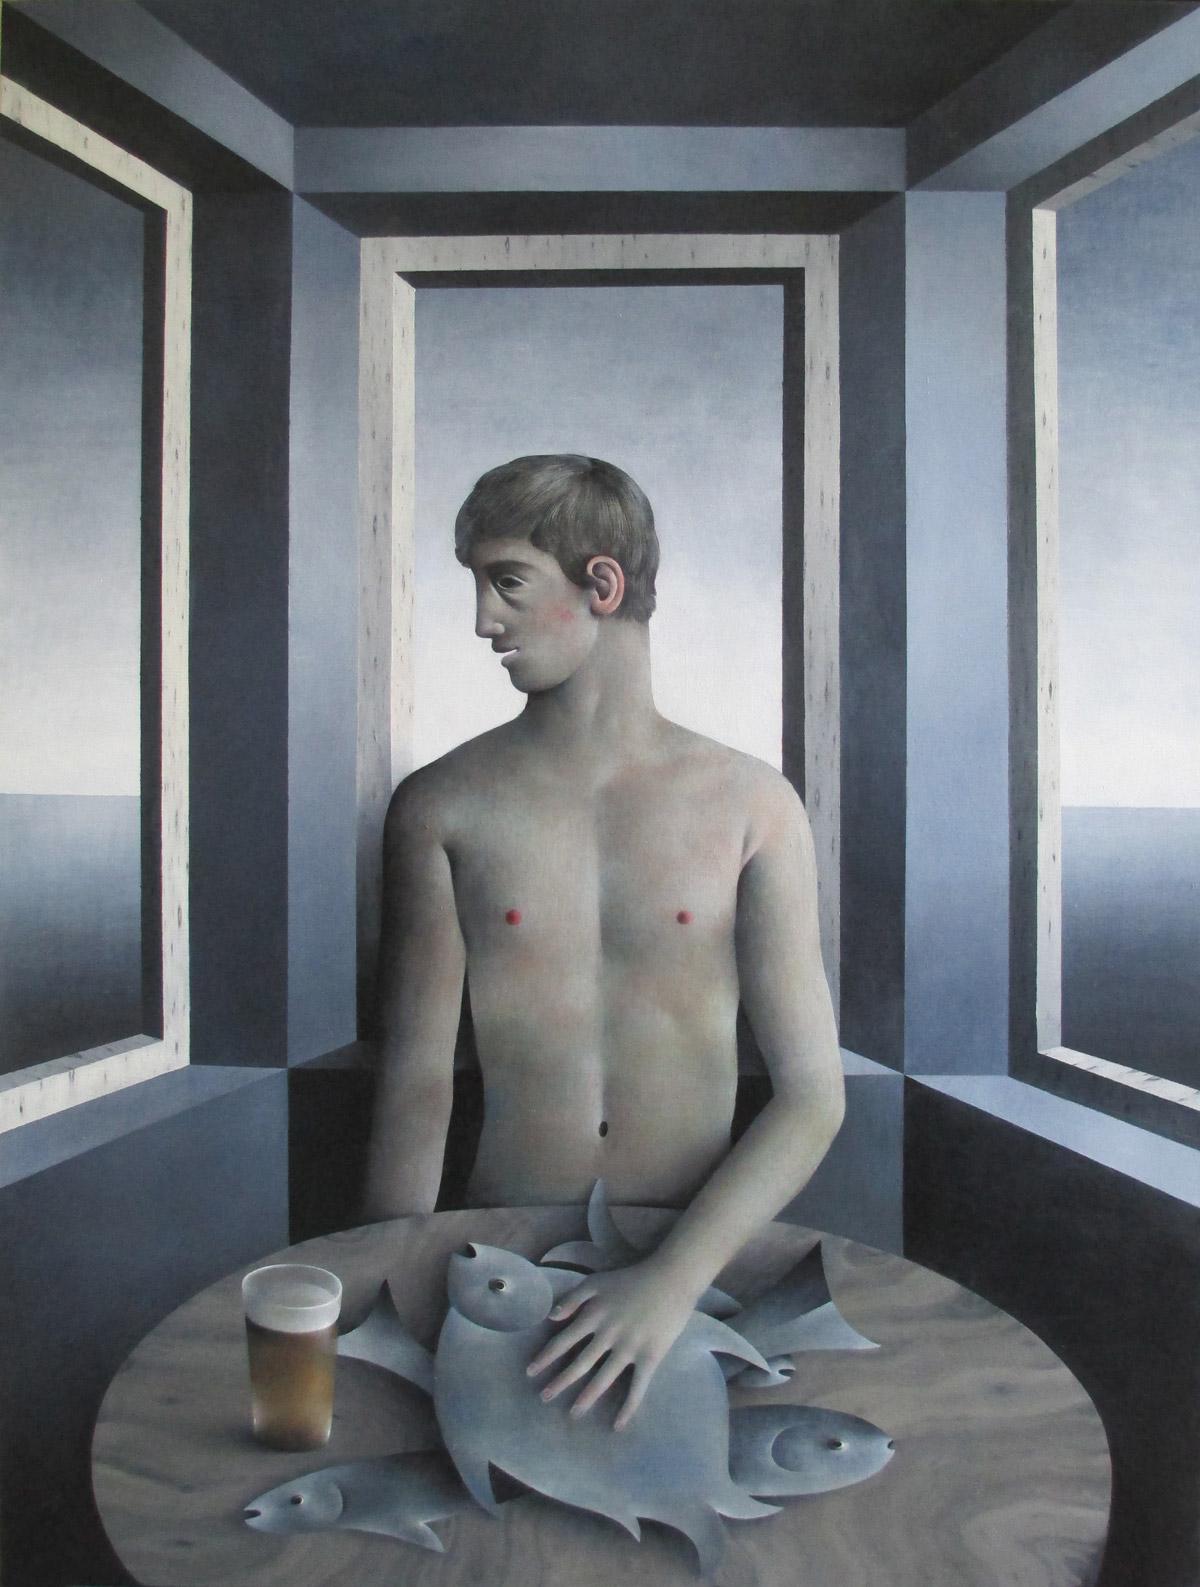 James Mortimer